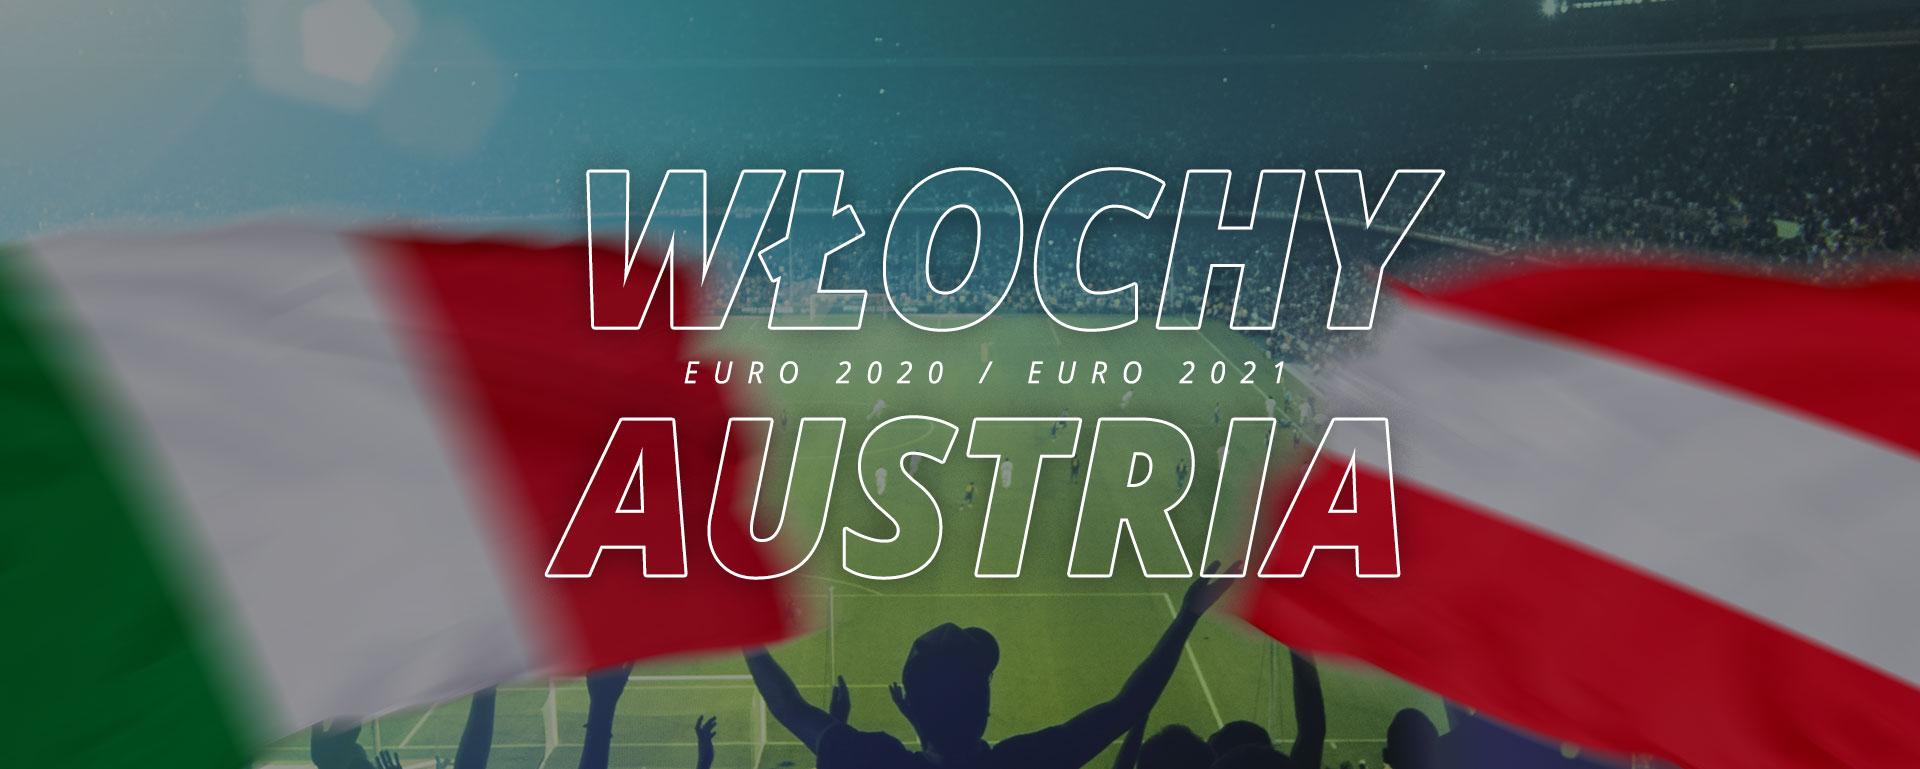 Włochy – Austria | 1/8 finału Euro 2020 / Euro 2021